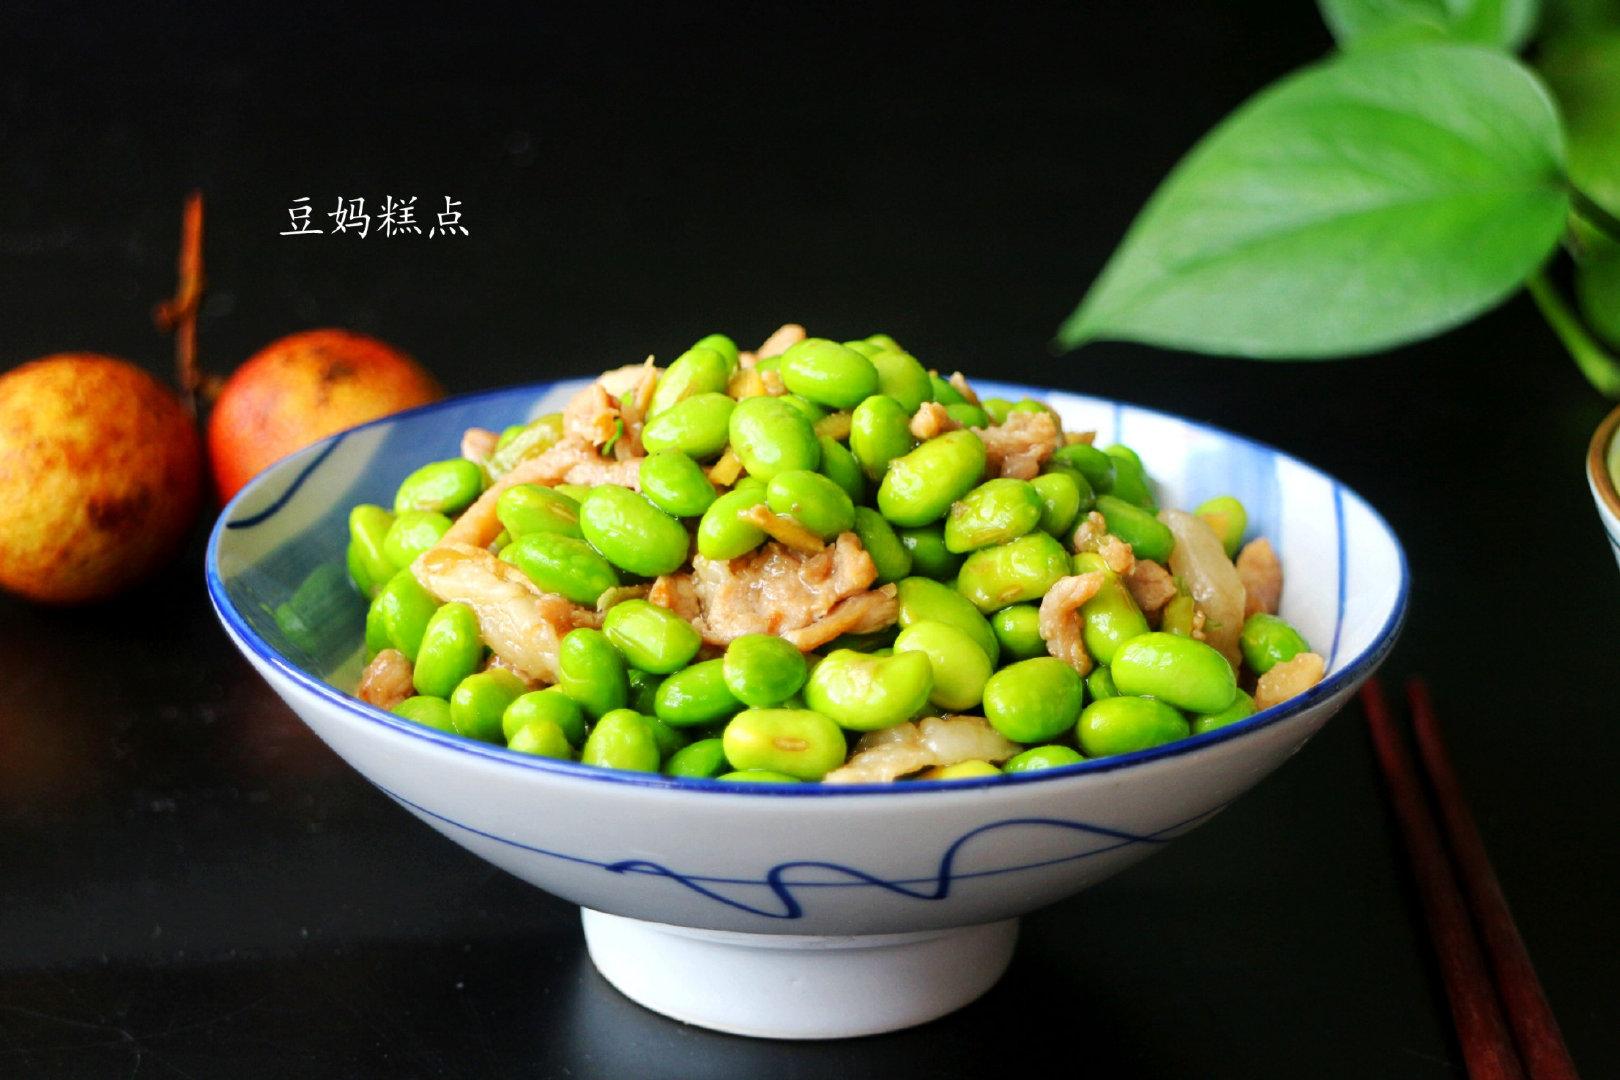 4道毛豆做的家常菜,简单易做,老少都喜欢!孩子多吃健脑补铁